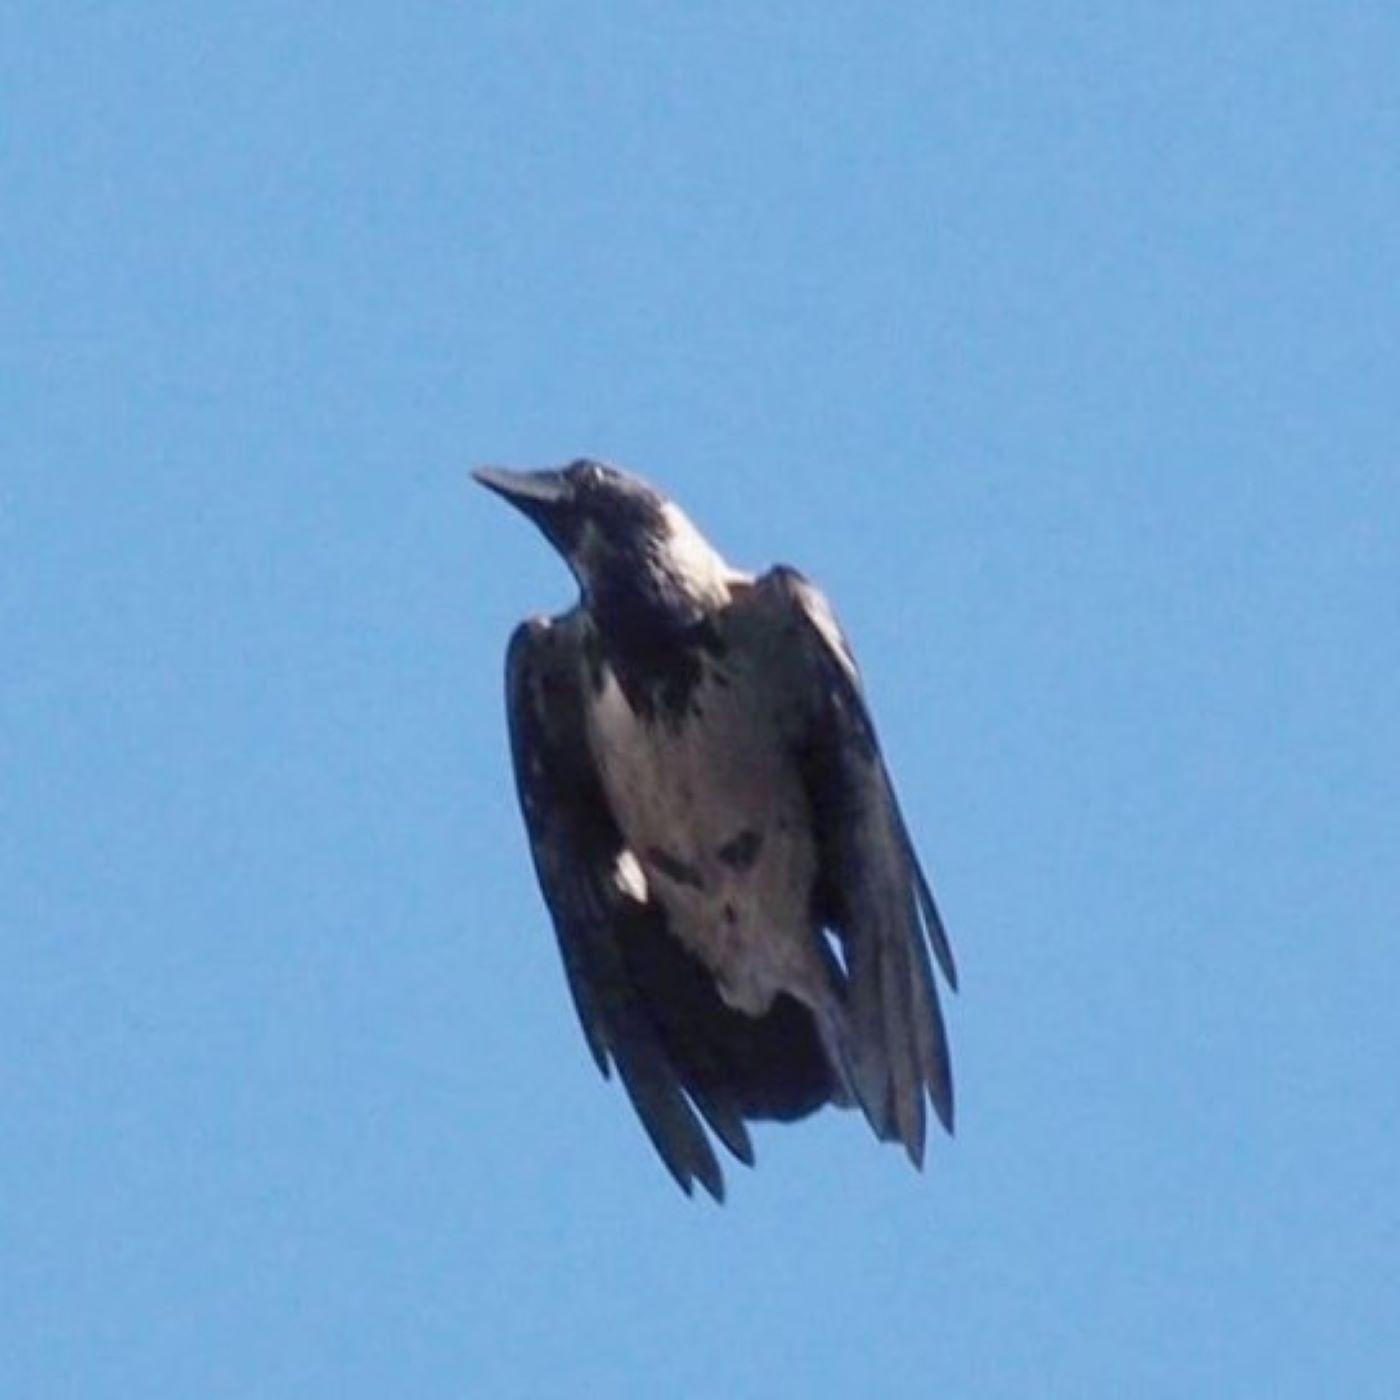 Şehir Kuşçusu 2 - Karantina günlerinde kuşlar